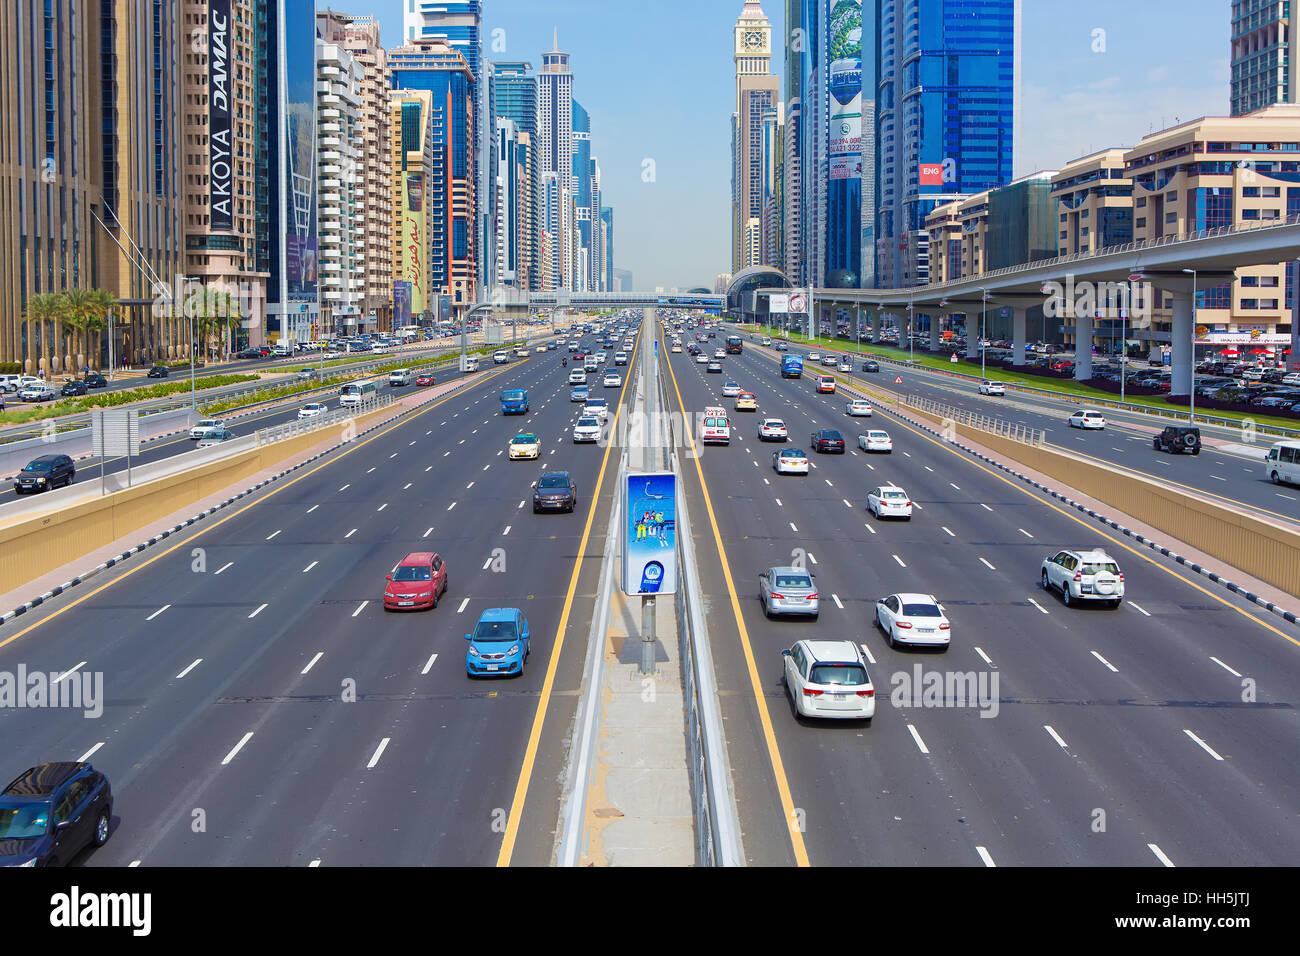 Centro financiero de Dubai, Emiratos Árabes Unidos De febrero 28, 2016: ocupado Sheikh Zayed Road, a la estación Foto de stock